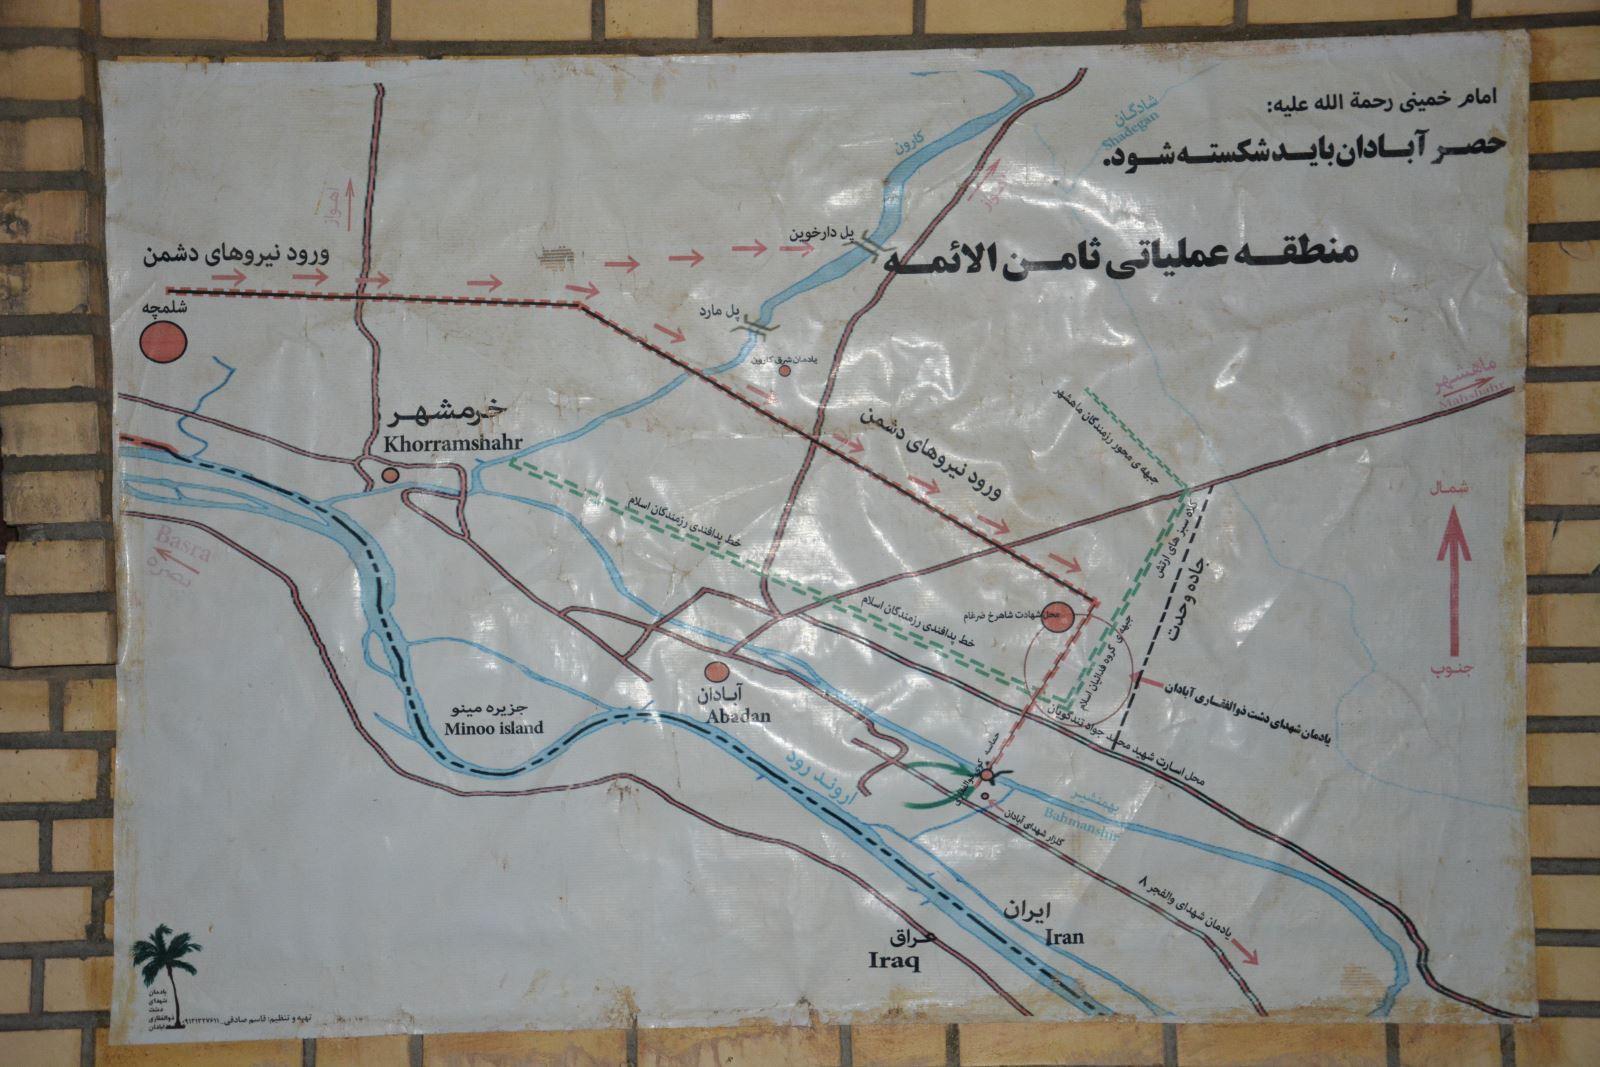 شهید سیدمجتبی هاشمی؛ از فرماندهی جنگهای نامنظم تا تشکیل فدائیان اسلام